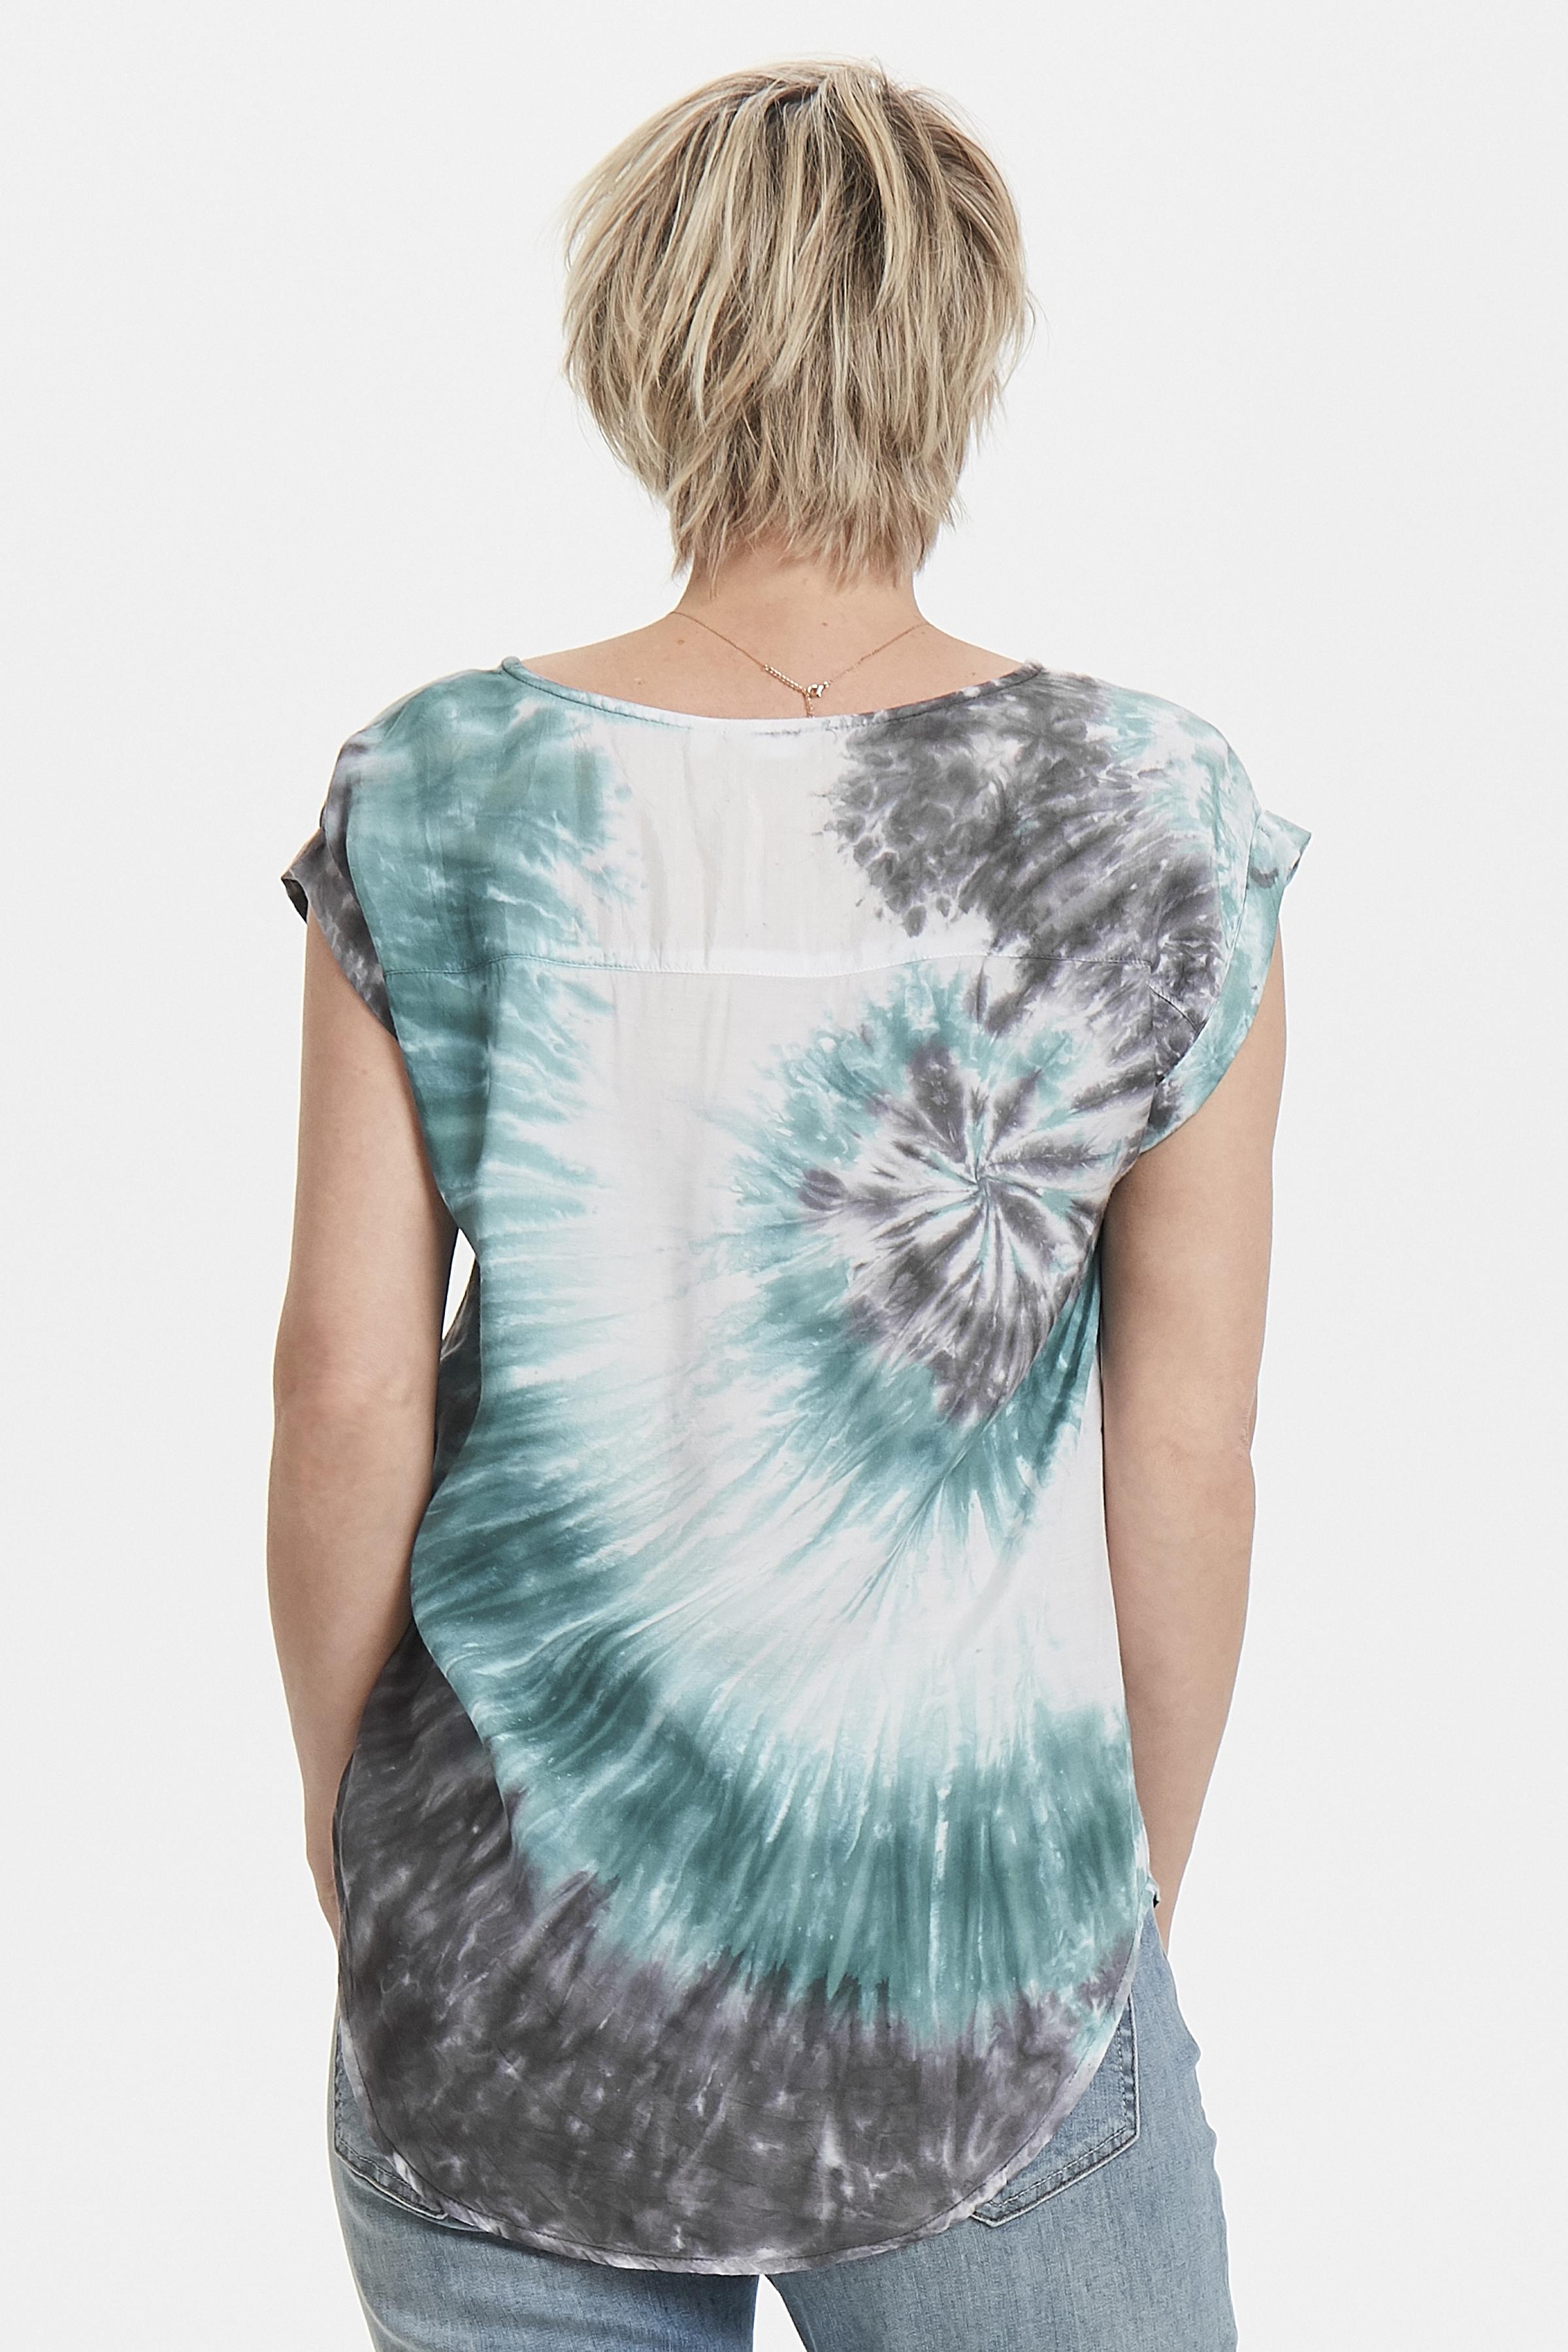 Støvet blå/mørkegrå Kortærmet bluse  fra Bon'A Parte – Køb Støvet blå/mørkegrå Kortærmet bluse  fra str. S-2XL her